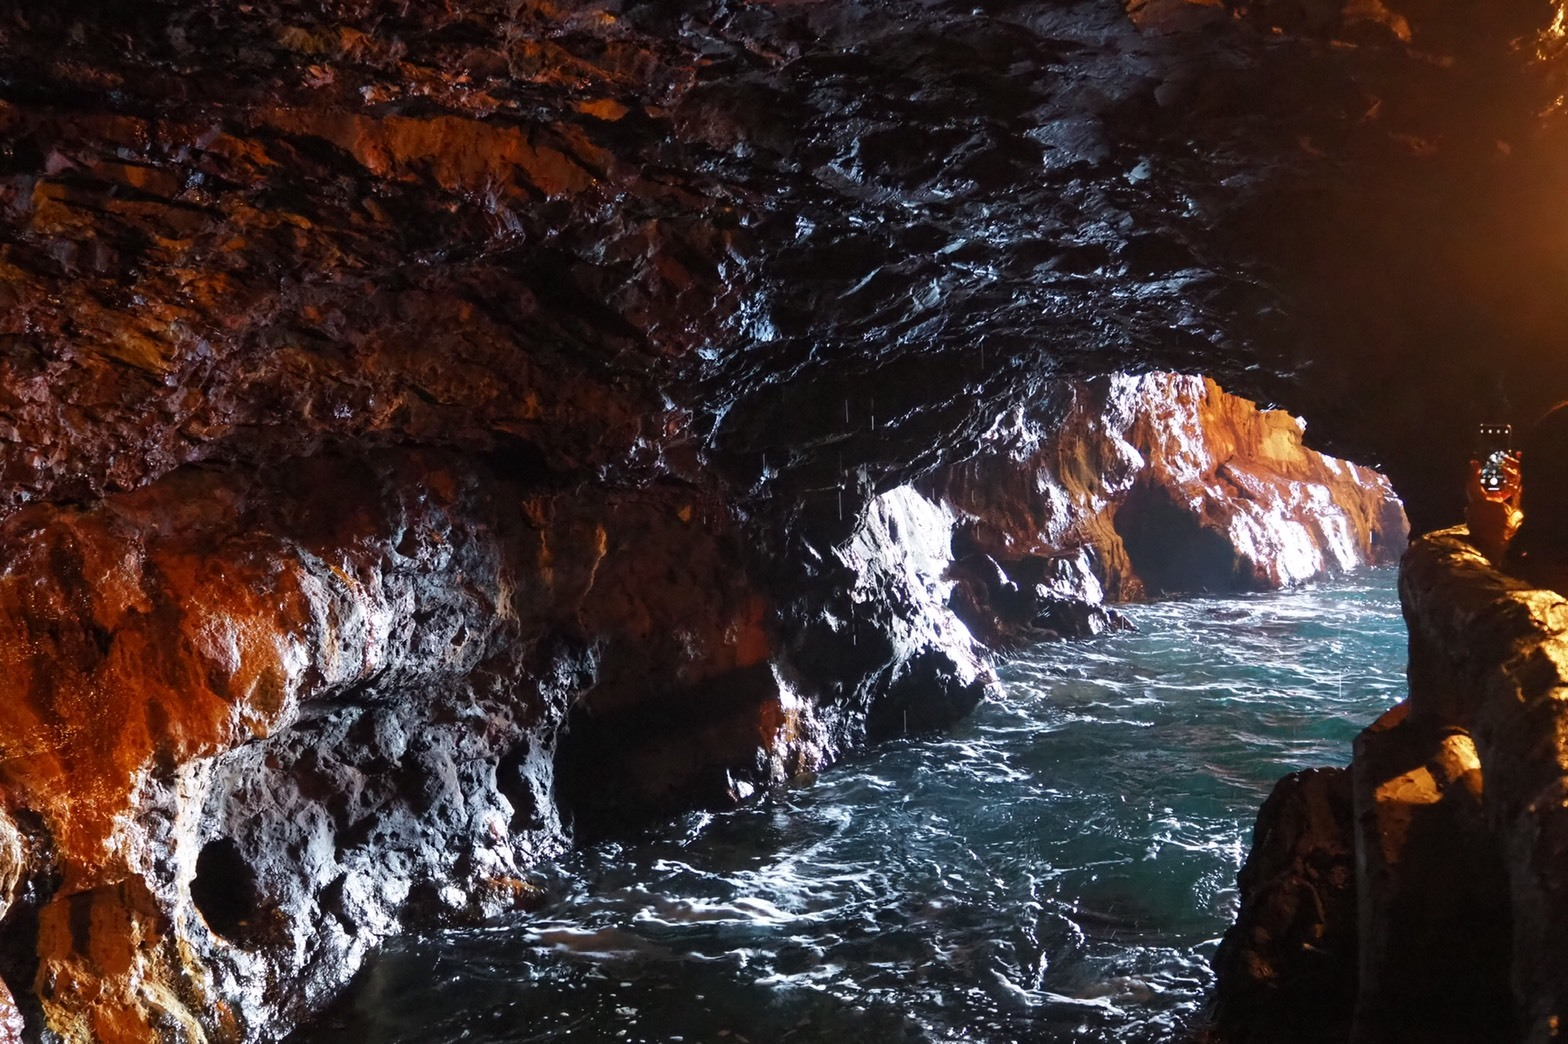 ぴーきち&ダイナ 和歌山南紀白浜ツーリング 三段壁洞窟 舟隠場